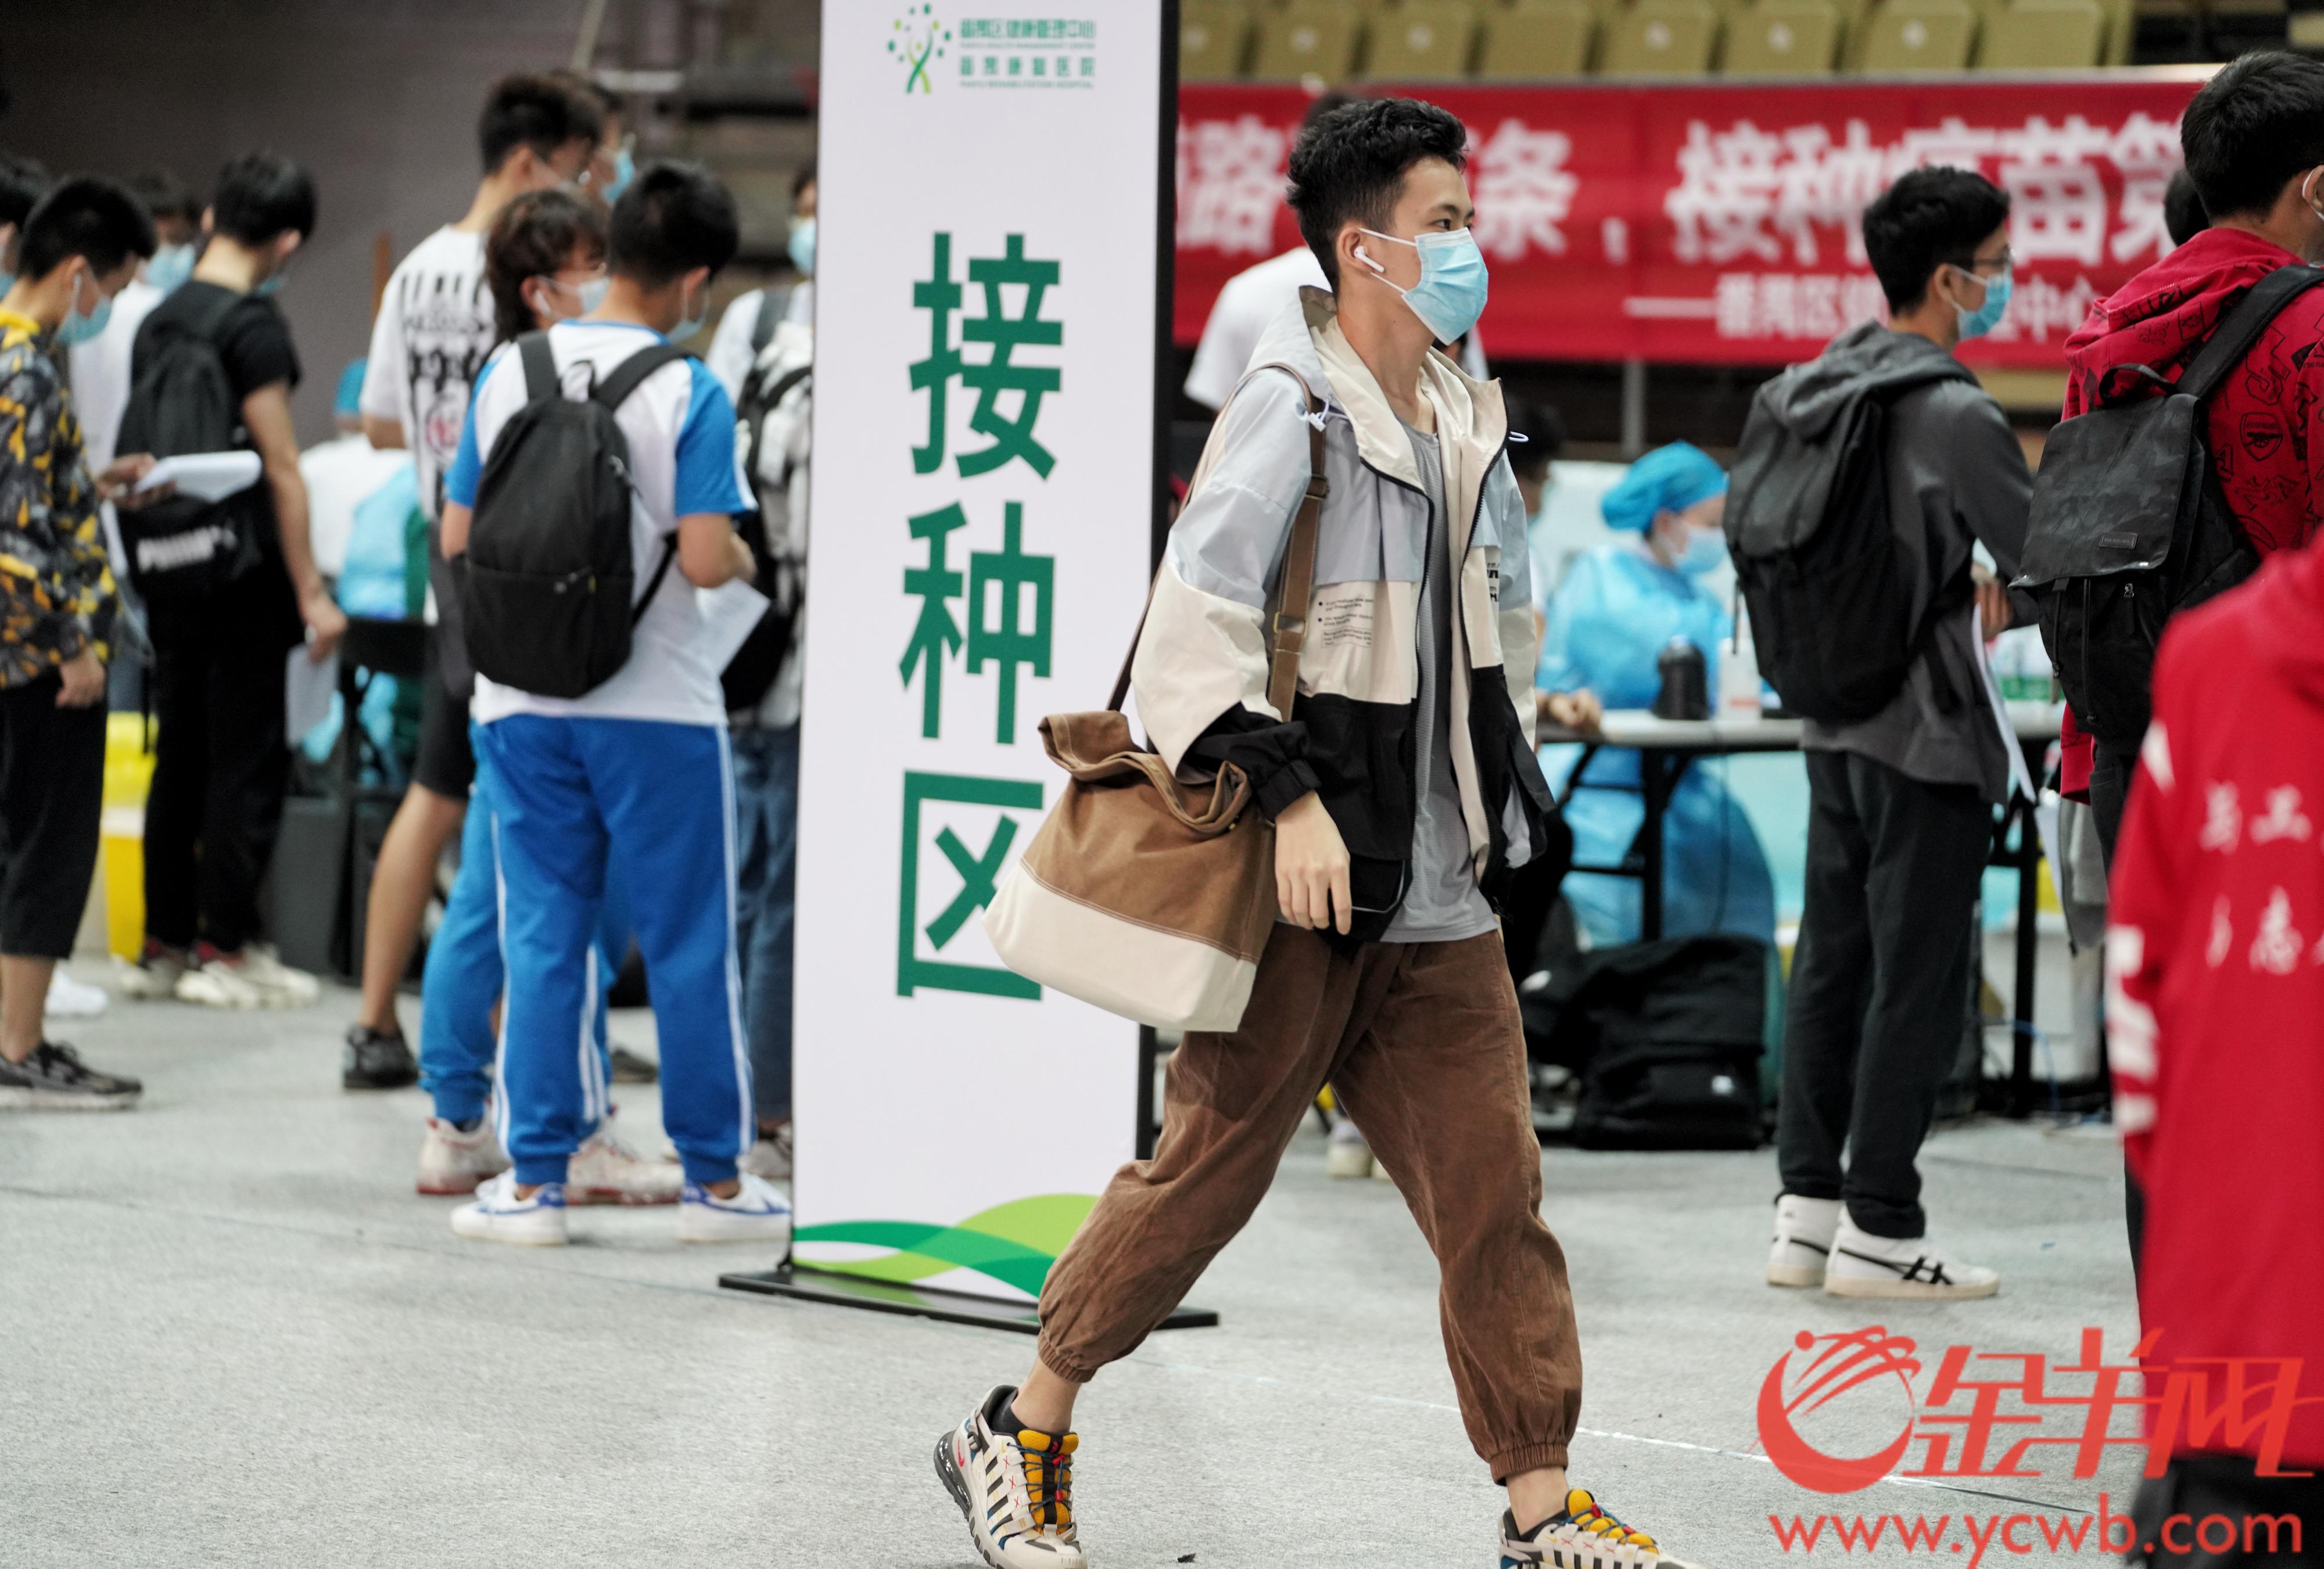 2021年4月9日,广东工业大学在大学城校区组织师生接种新冠疫苗。羊城晚报全媒体记者 汤铭明 摄